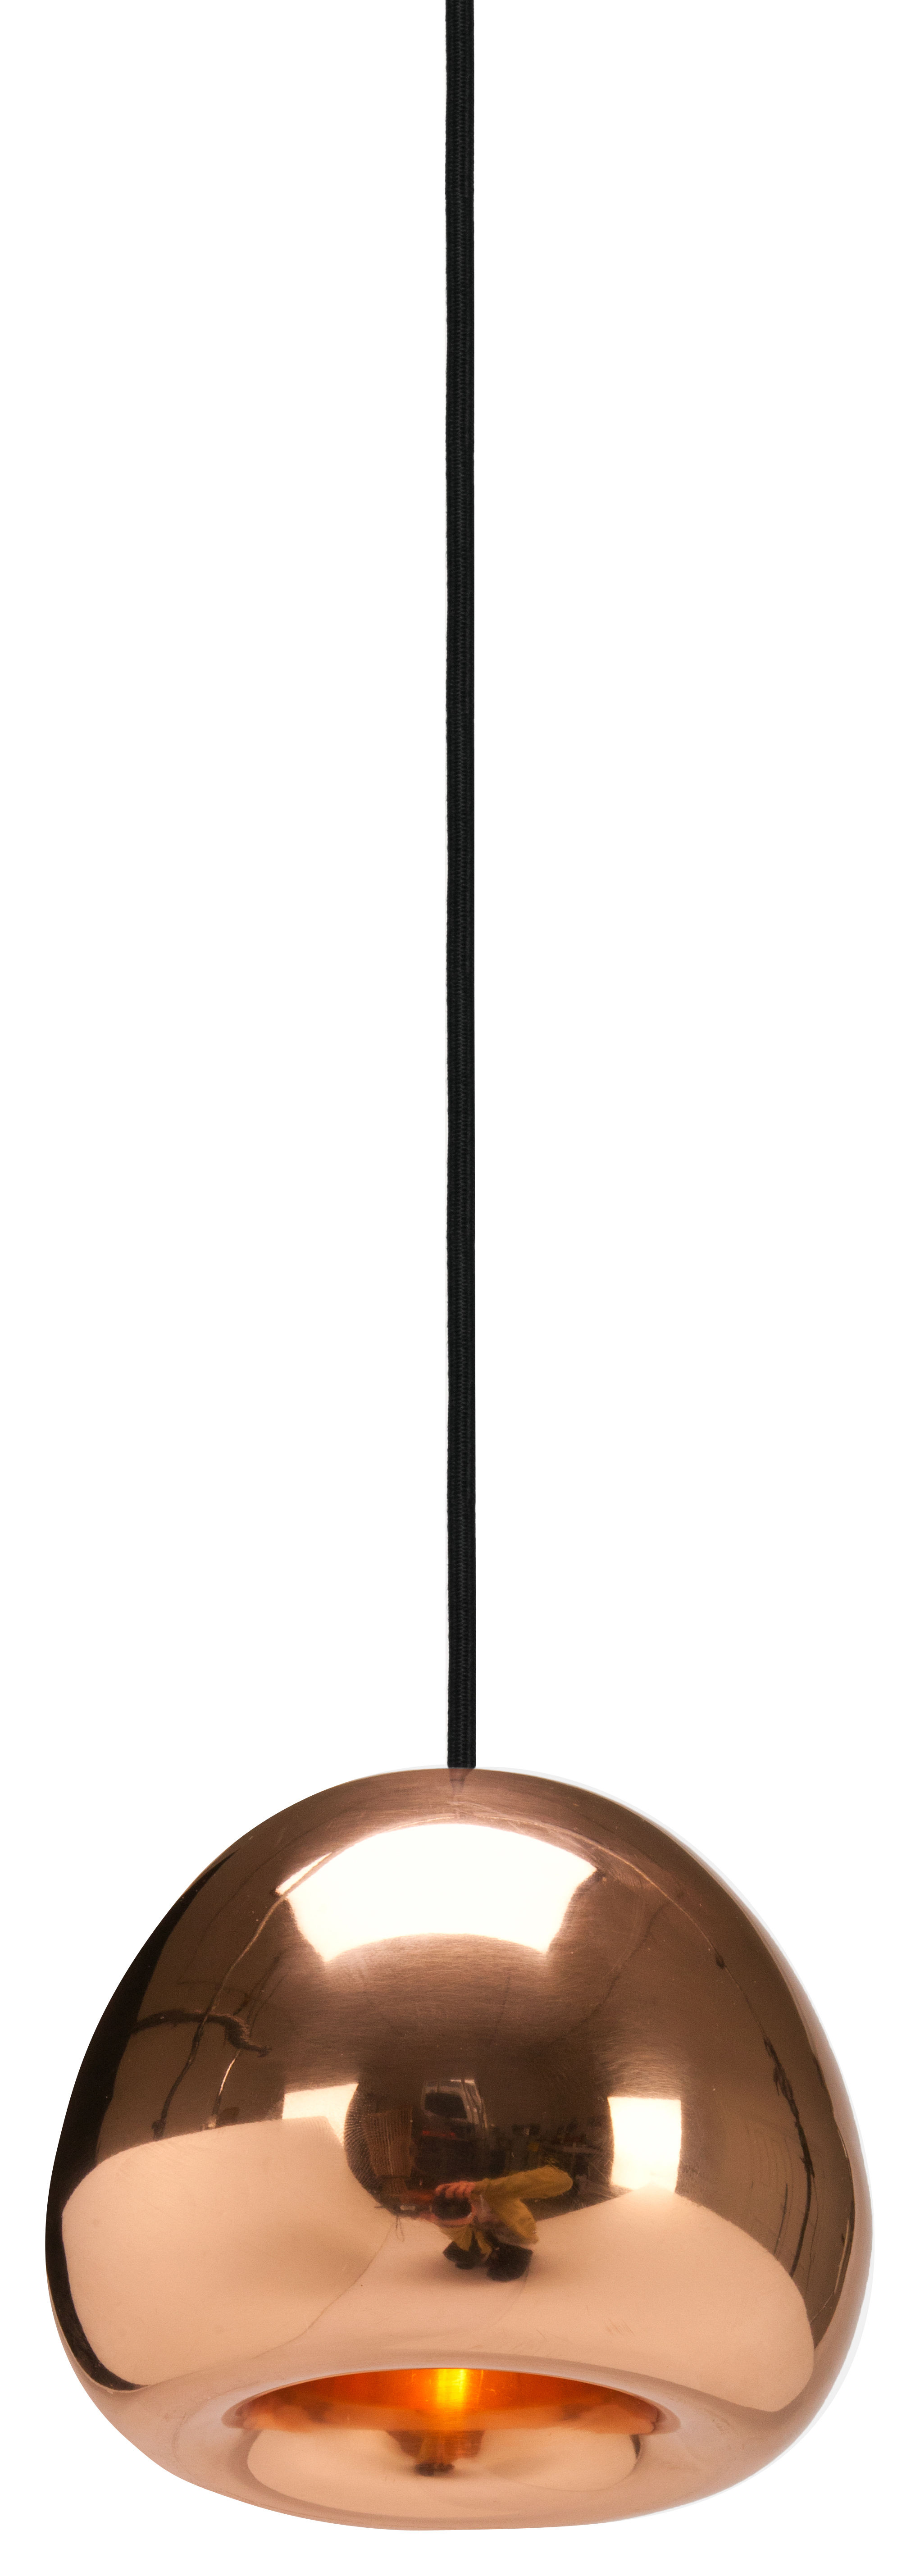 Luminaire - Suspensions - Suspension Void Mini Ø 15,5 cm - Tom Dixon - Cuivre - Cuivre poli